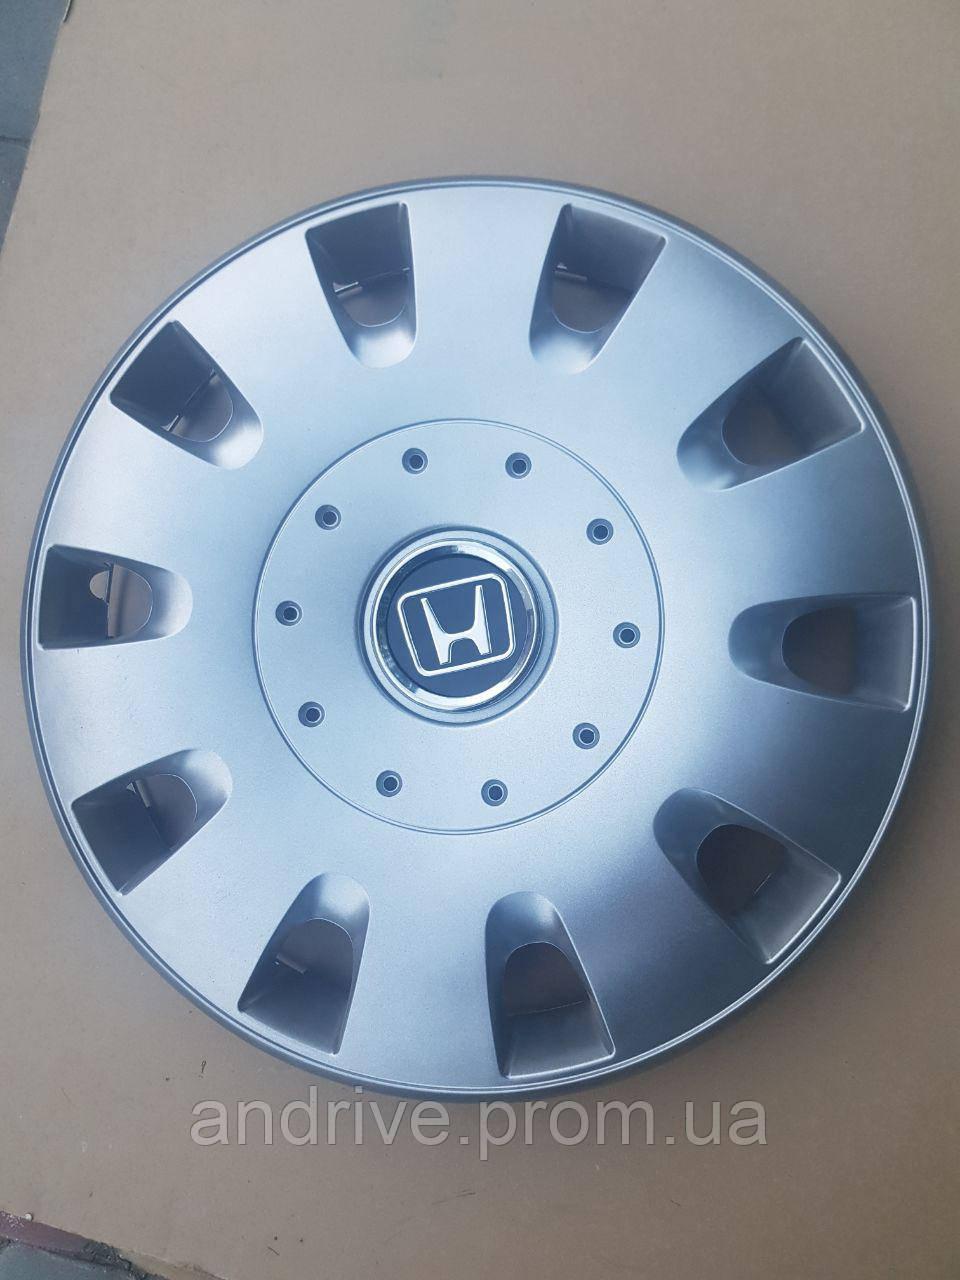 Колпаки на колеса R16 HONDA полный комплект SJS (Турция)